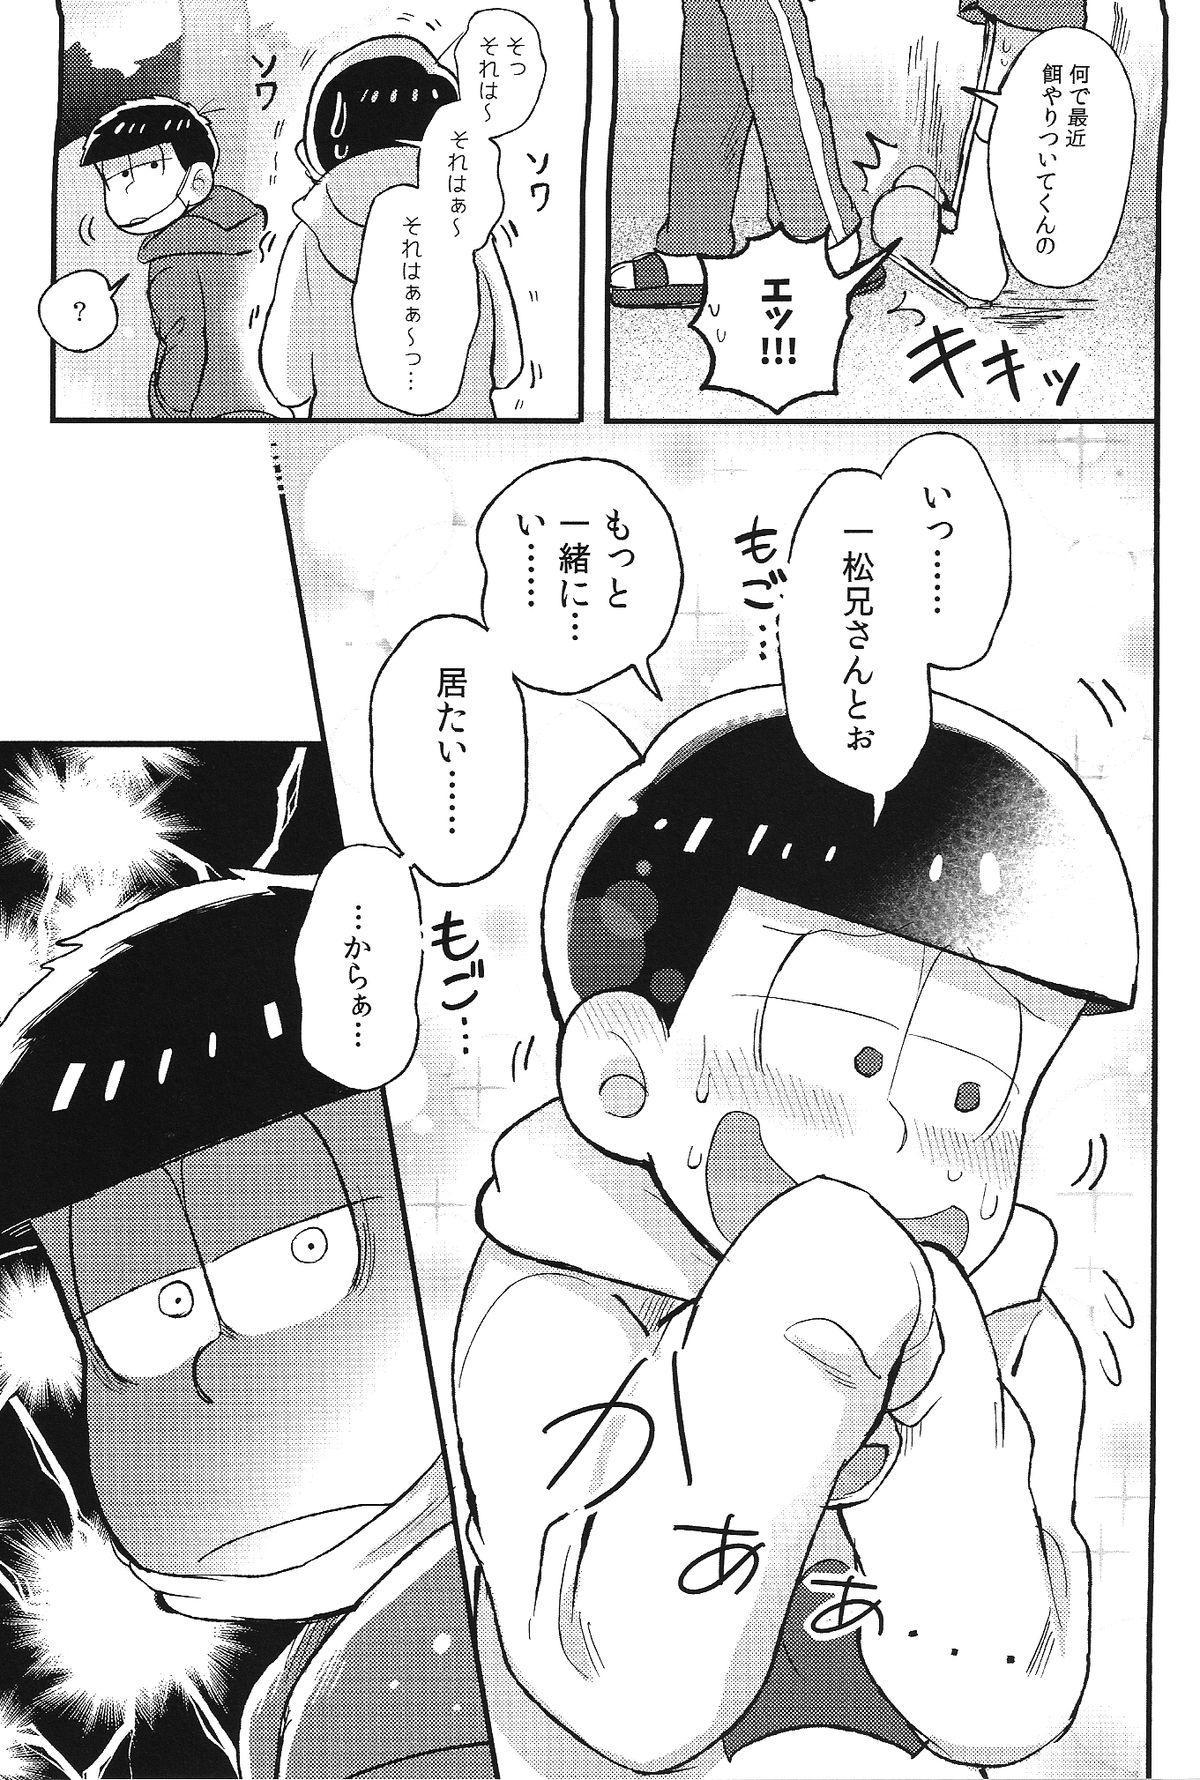 Kimi to Suki Doushi 28